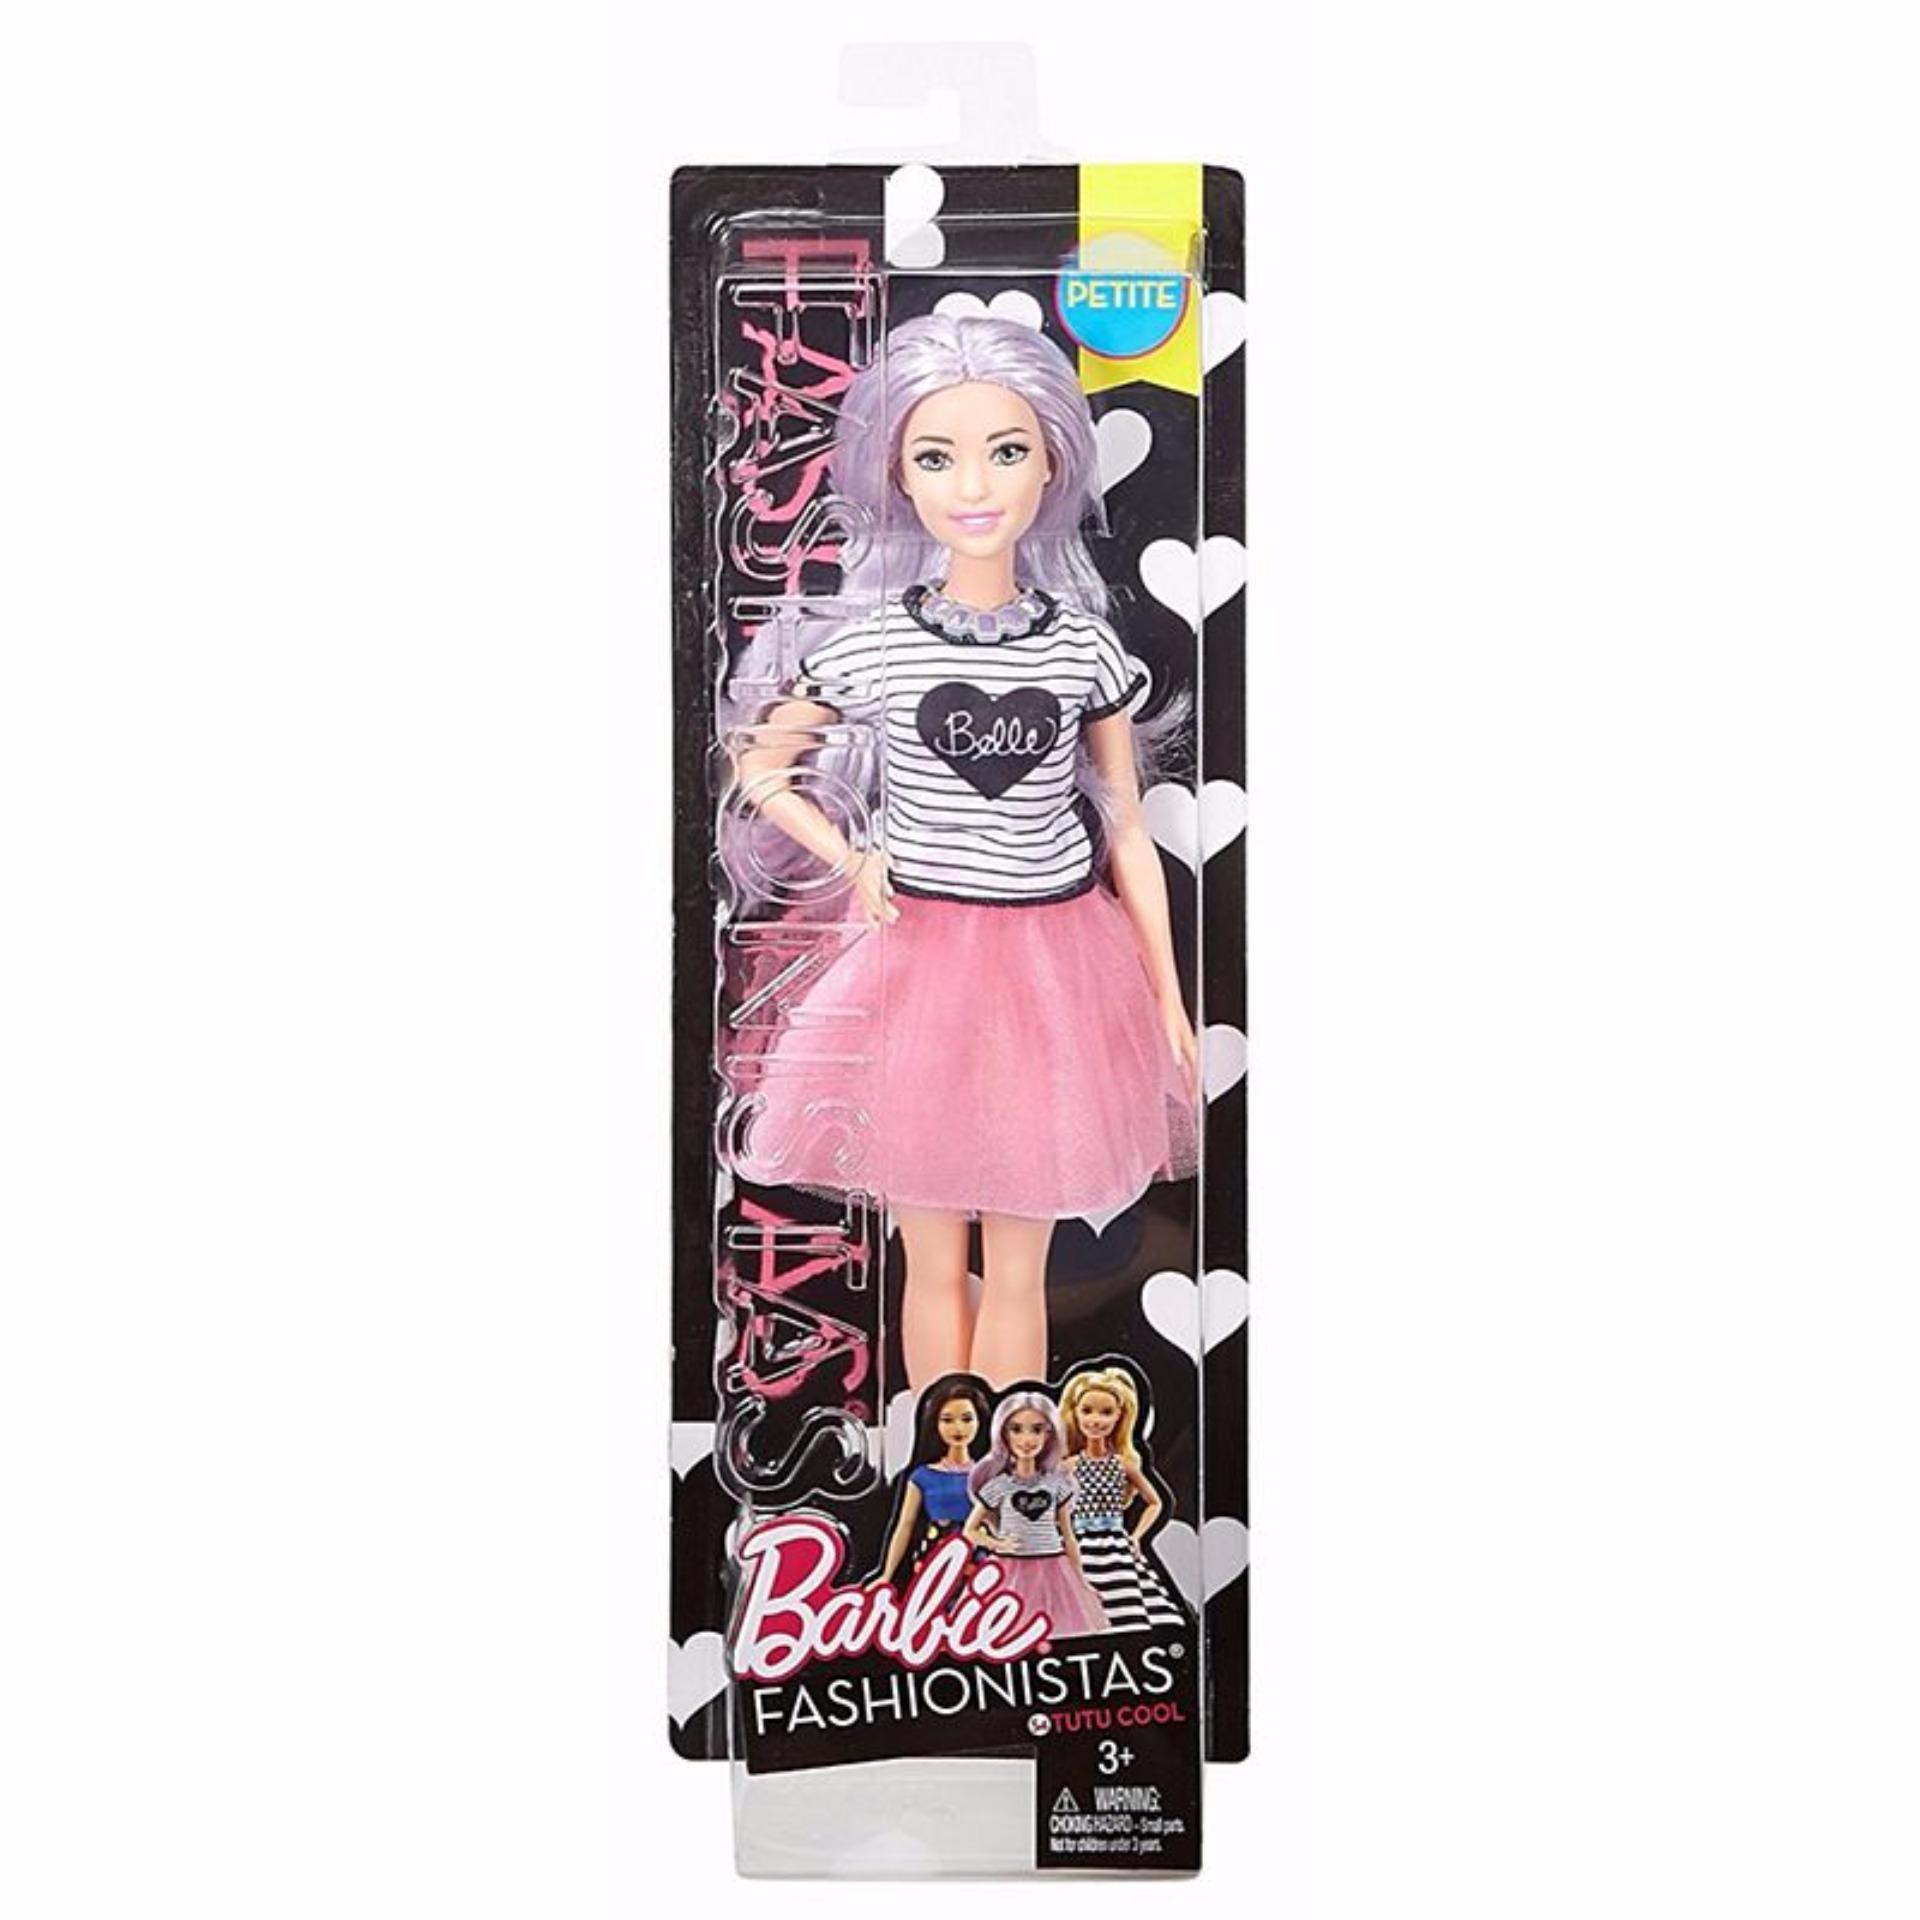 Barbie(R) Fashionistas(R) Doll 54 Tutu Cool - Petite .